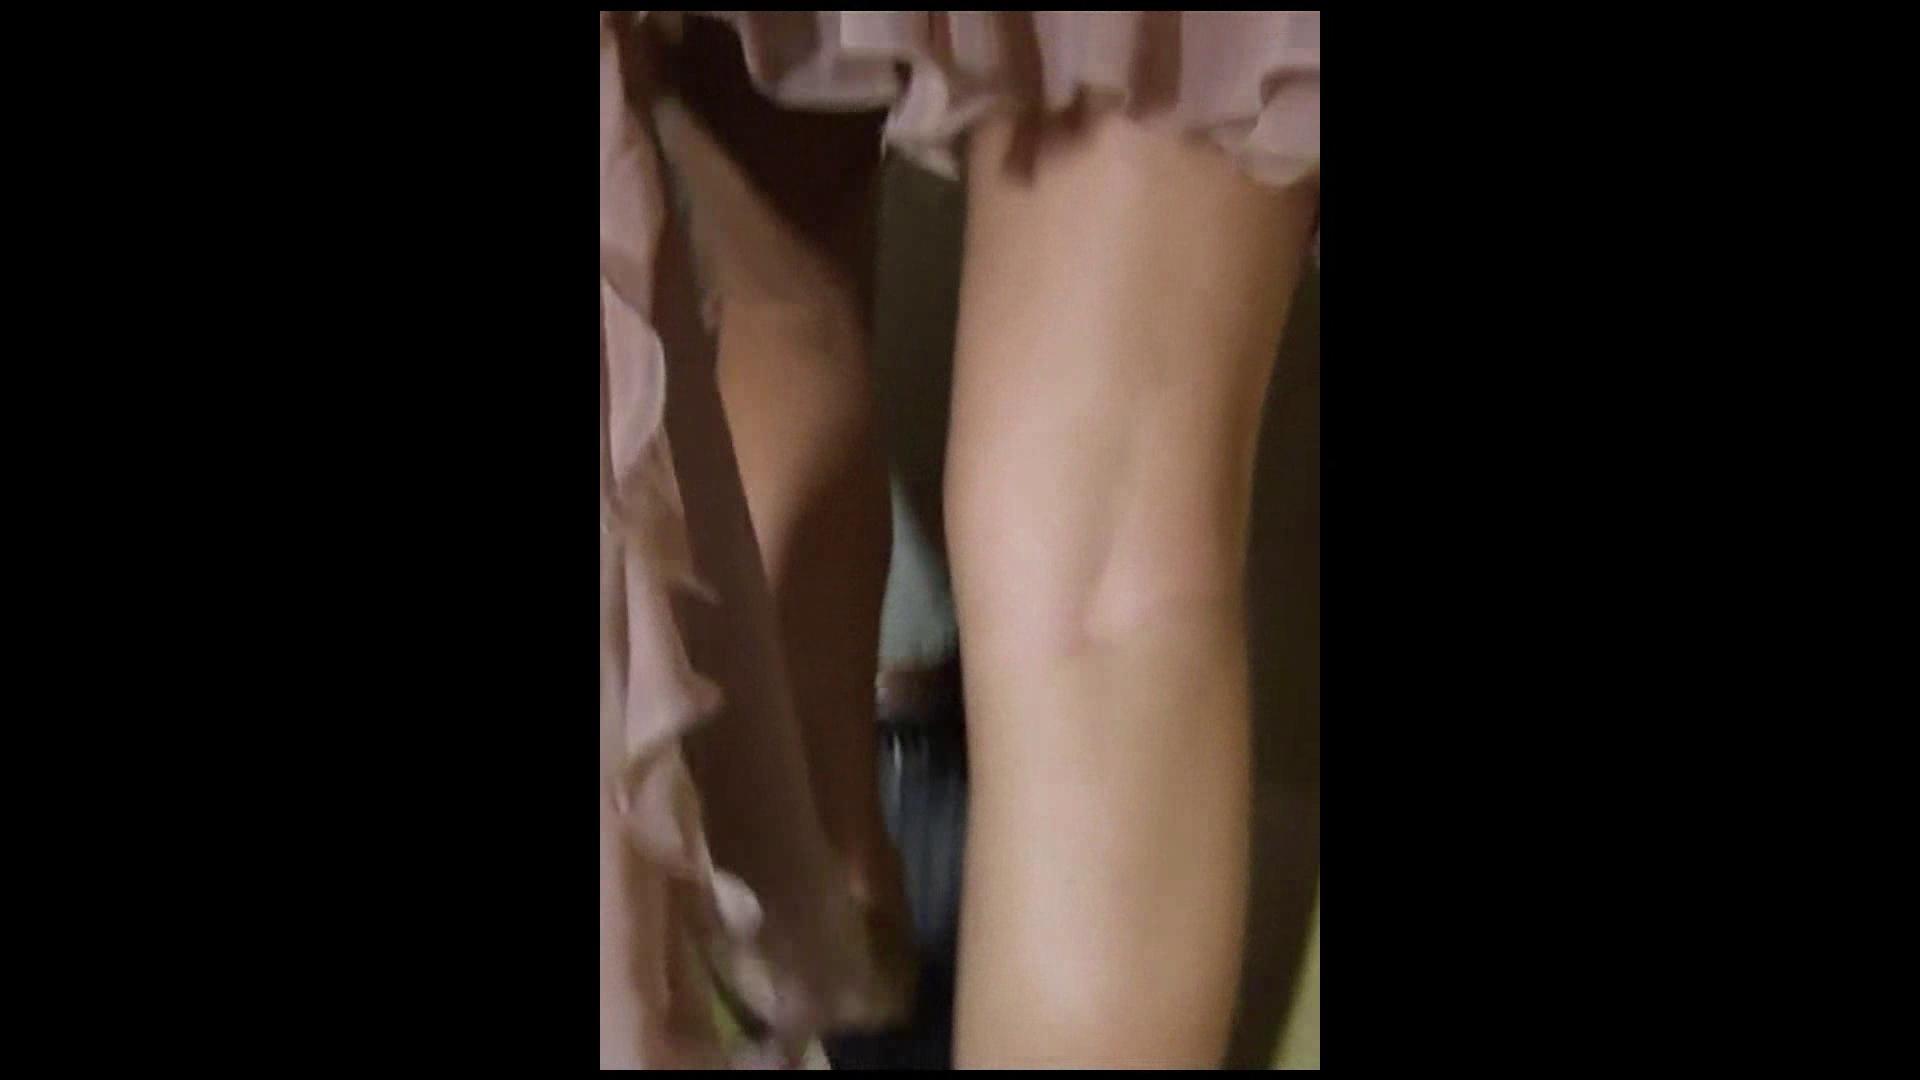 綺麗なモデルさんのスカート捲っちゃおう‼vol03 お姉さんのエロ生活  98連発 51